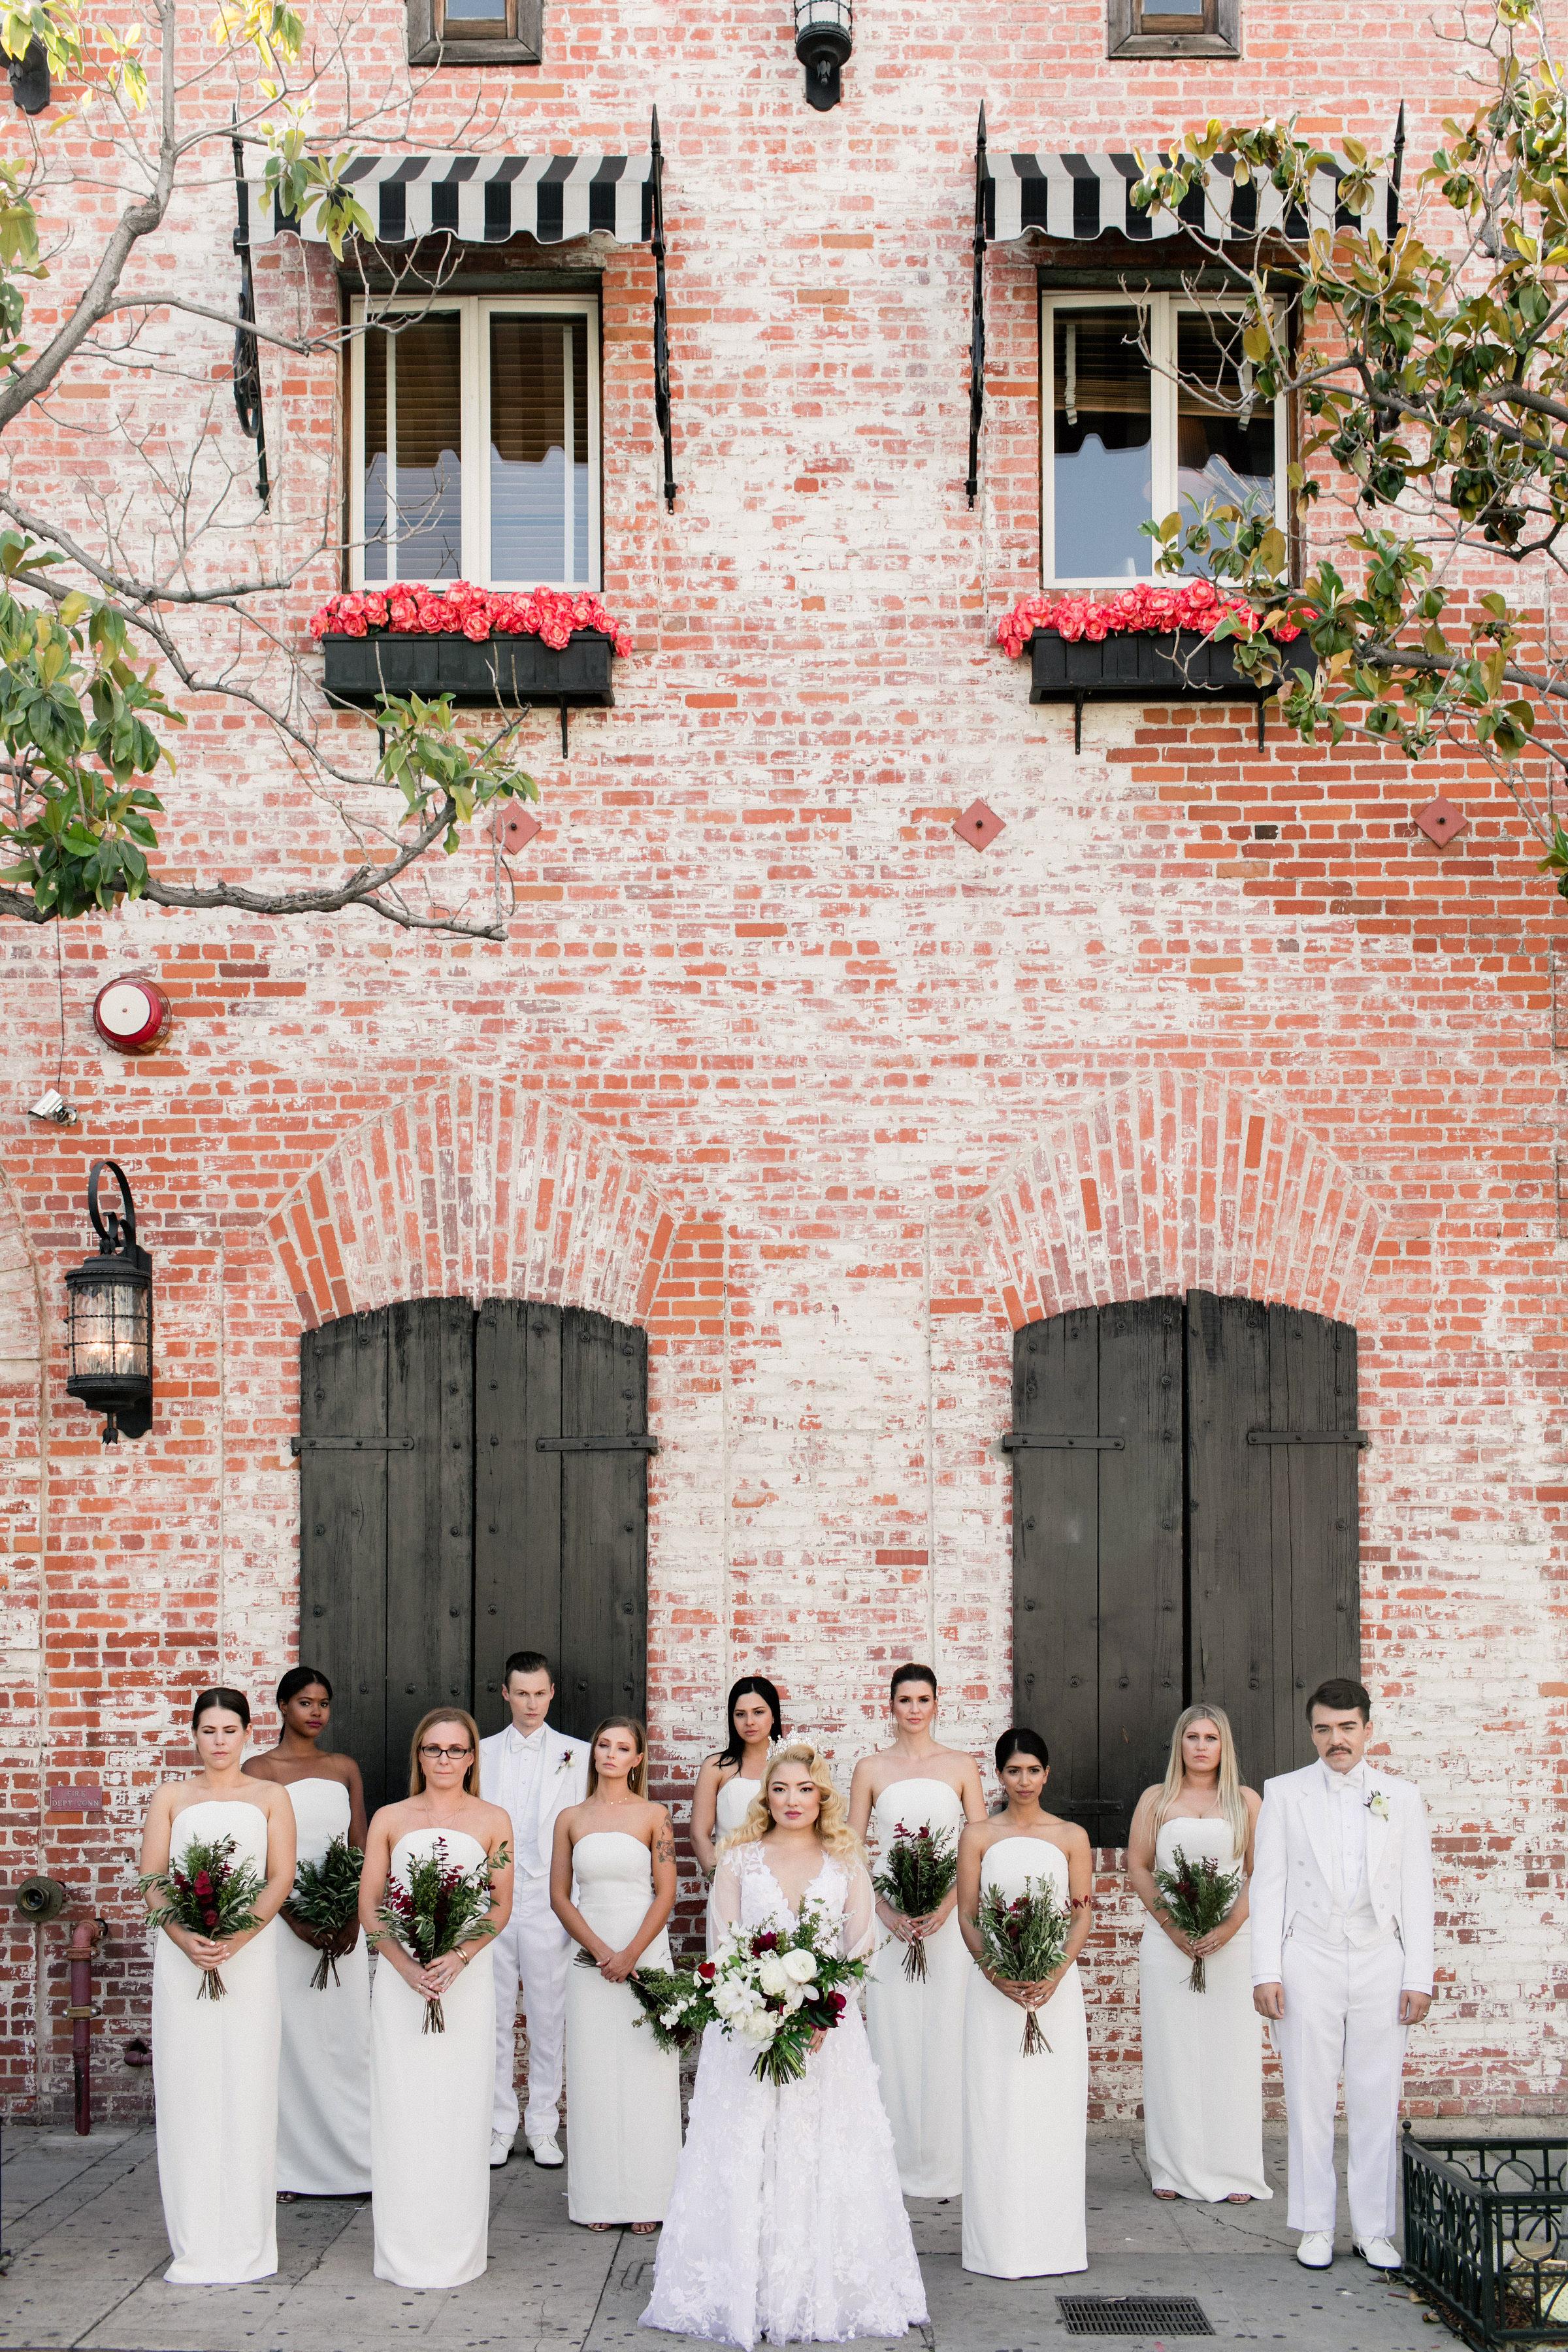 chic bridesmaids simple column white attire